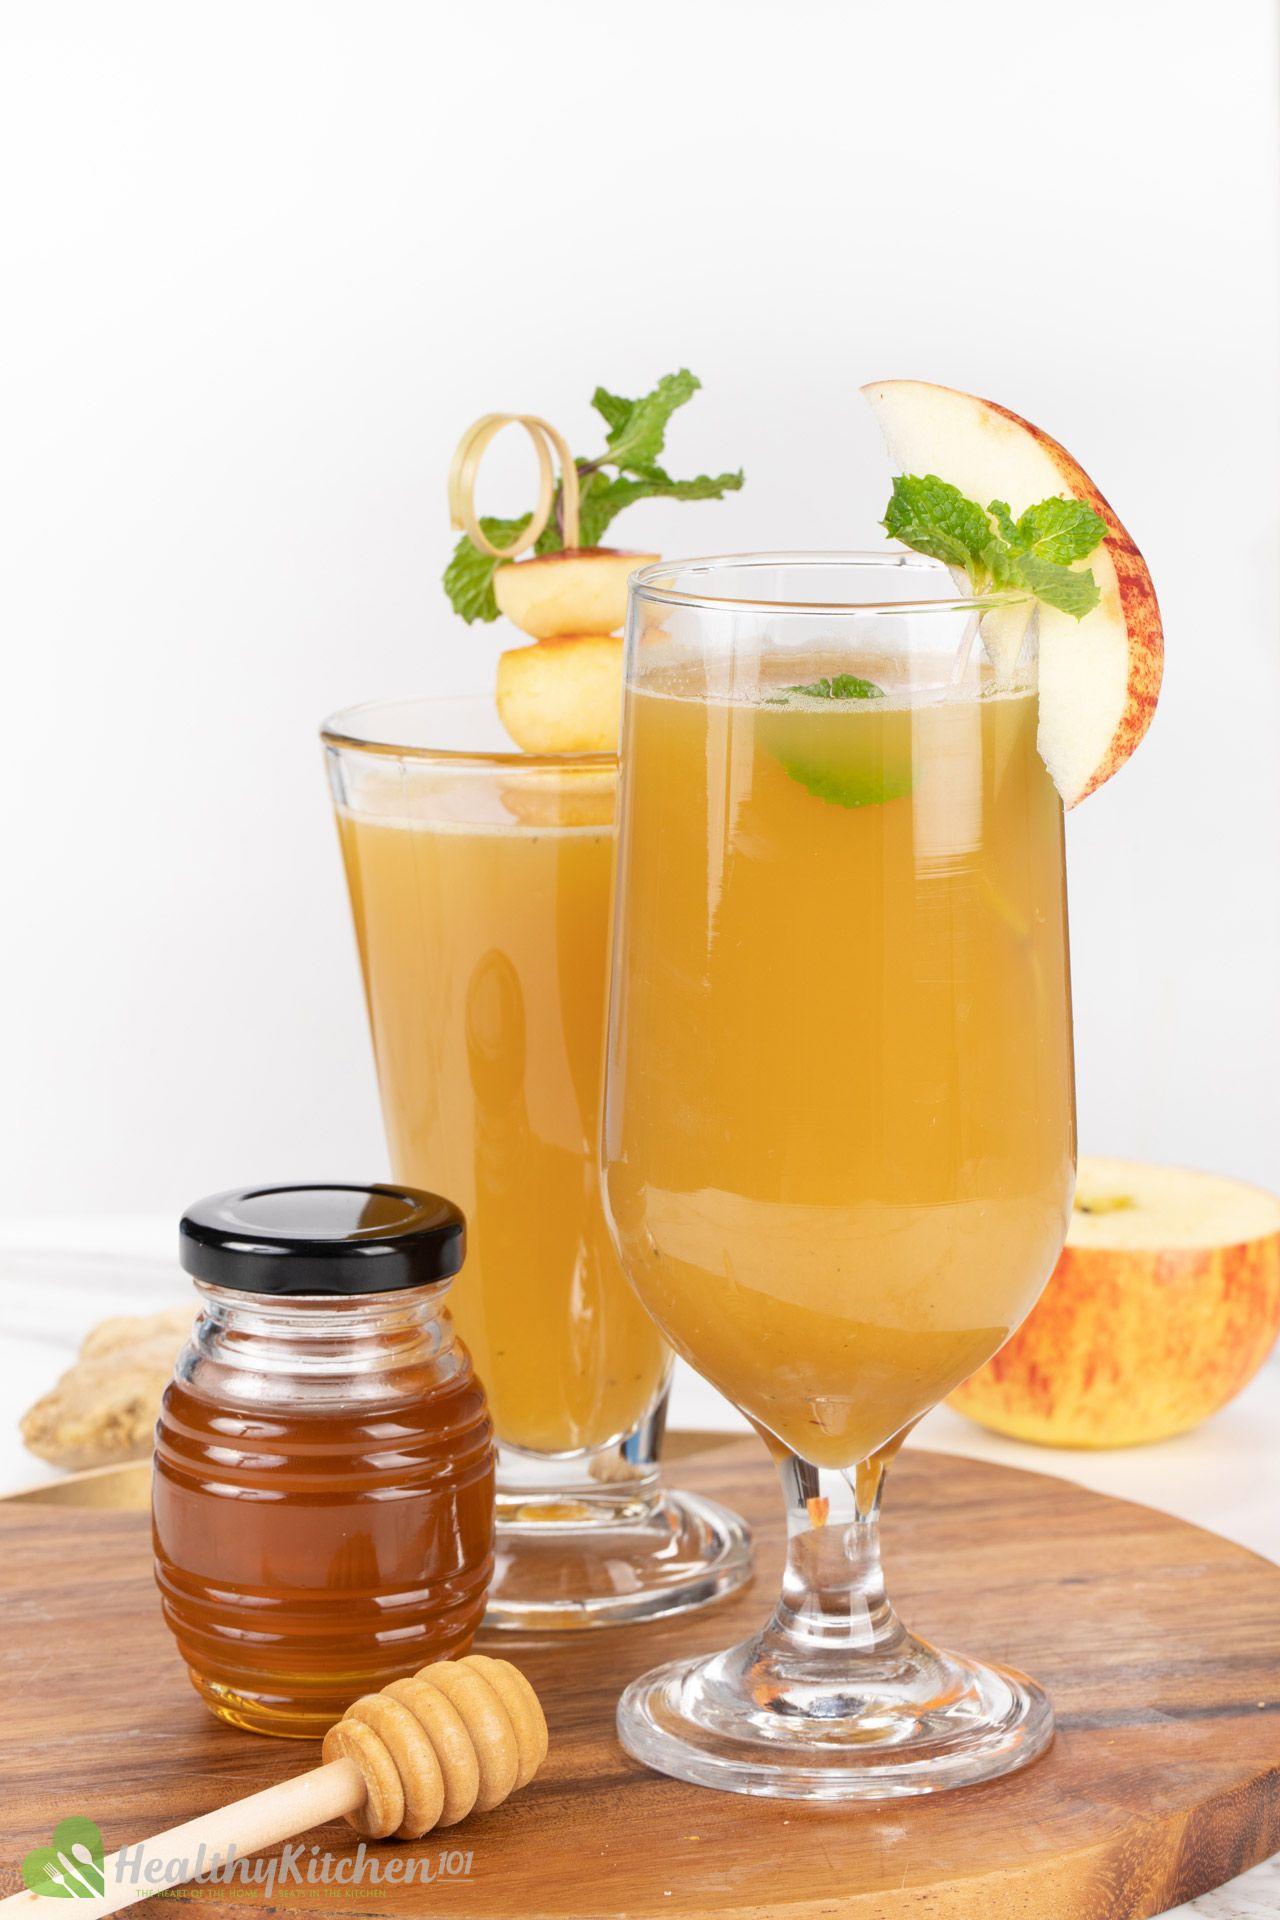 Best Apple Juice recipe